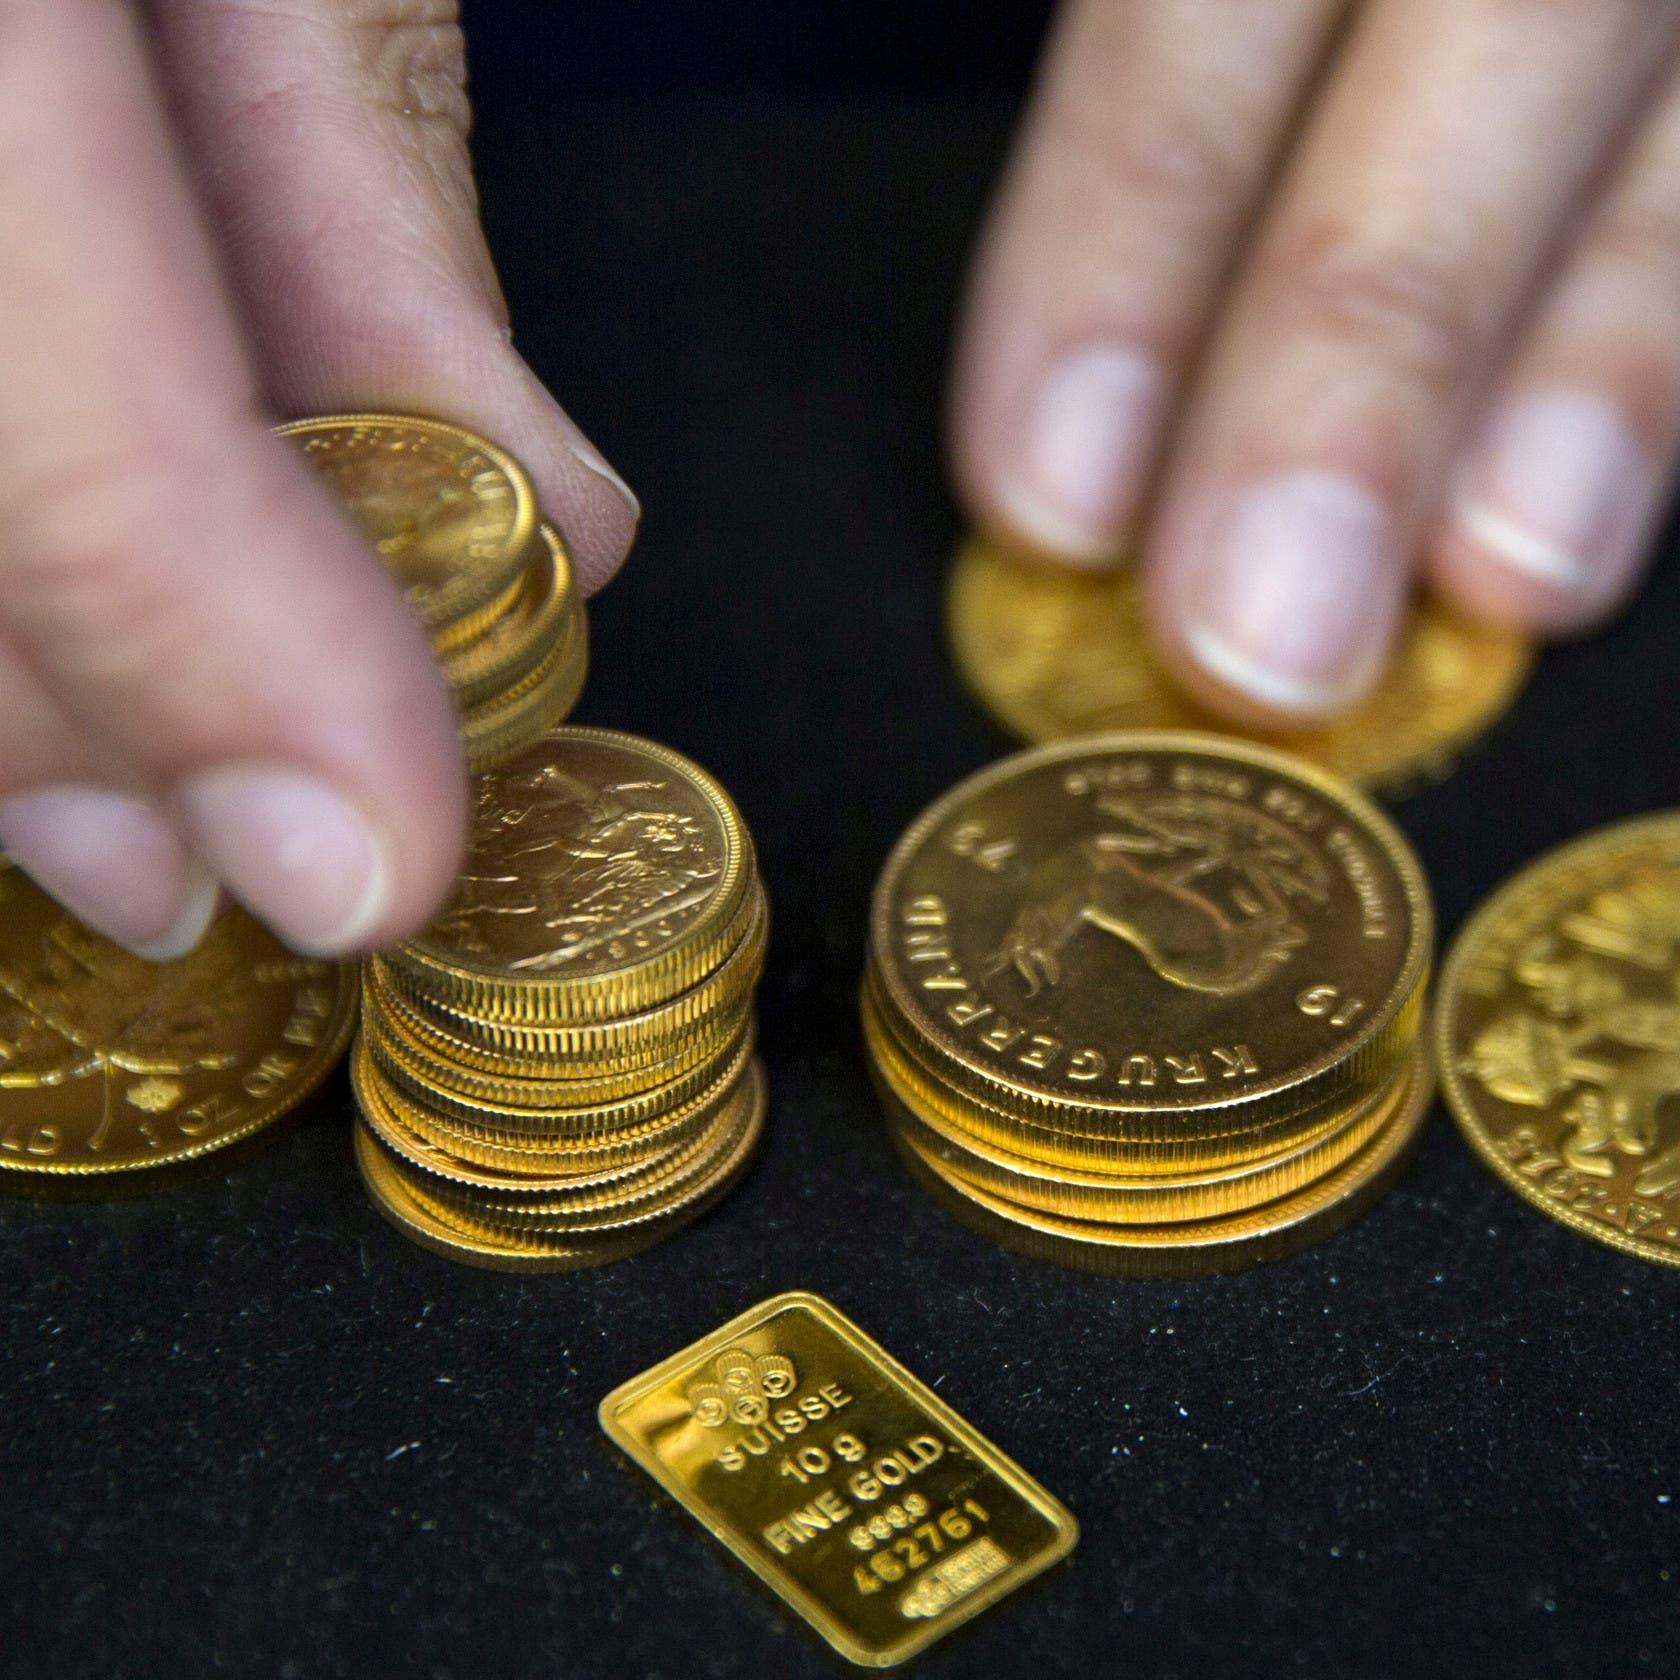 الذهب ينتعش قليلا بعد كبح جماح الدولار